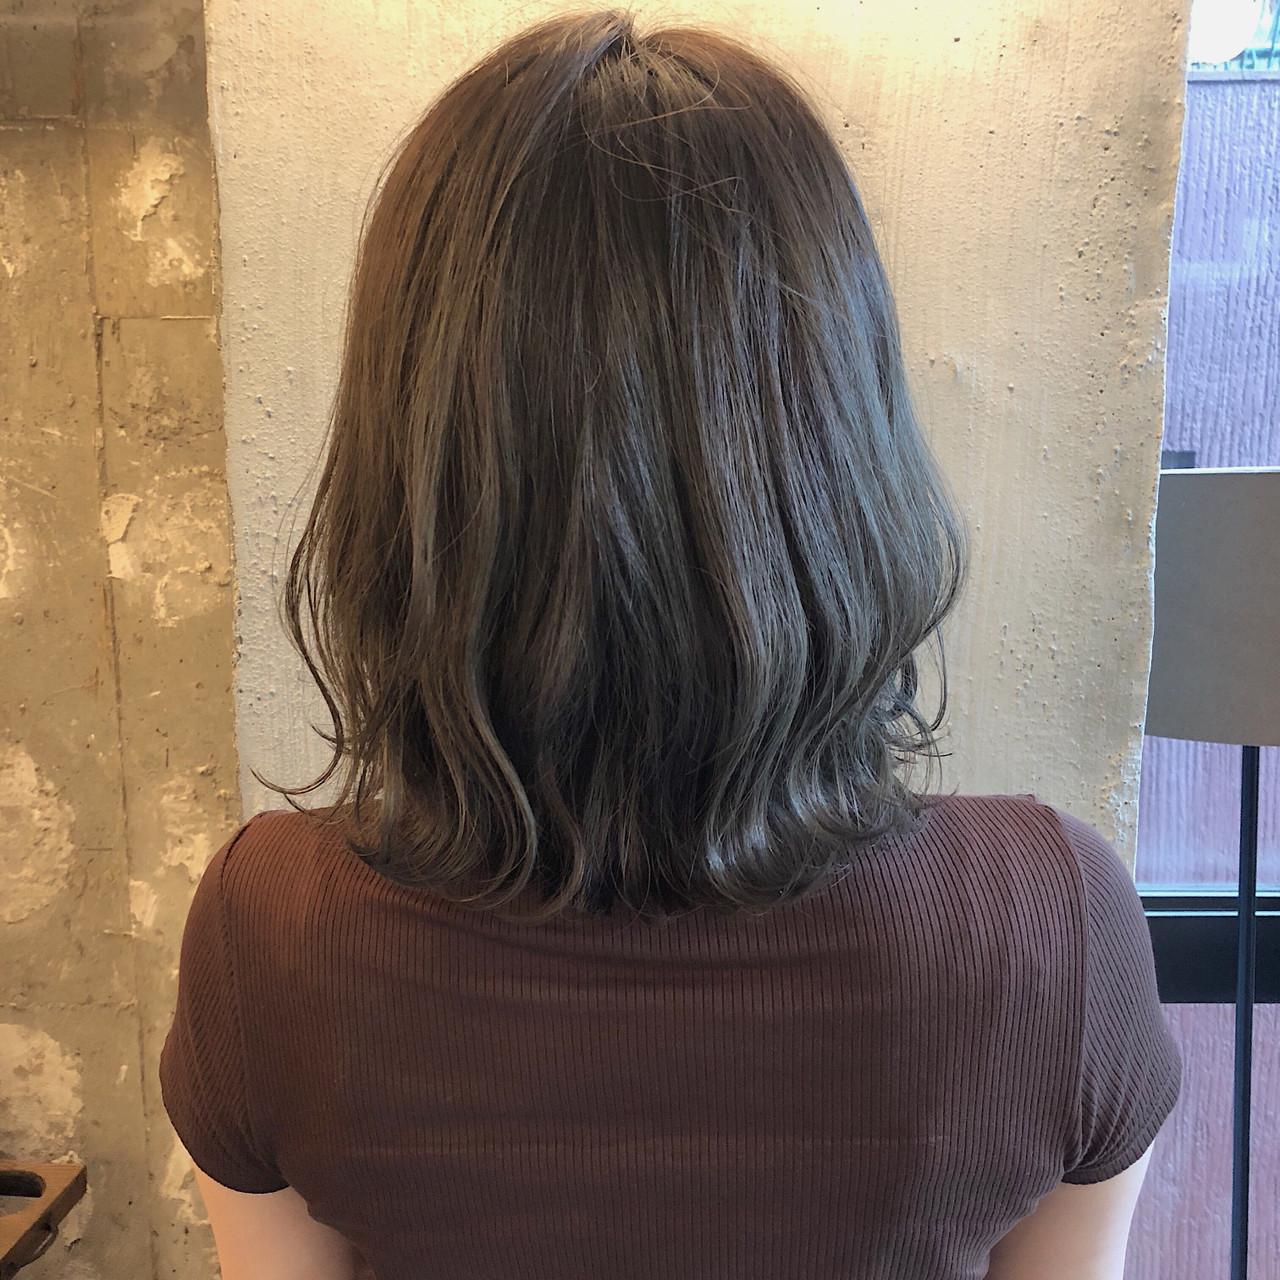 くすみカラー ヘアアレンジ アンニュイほつれヘア 暗髪 ヘアスタイルや髪型の写真・画像